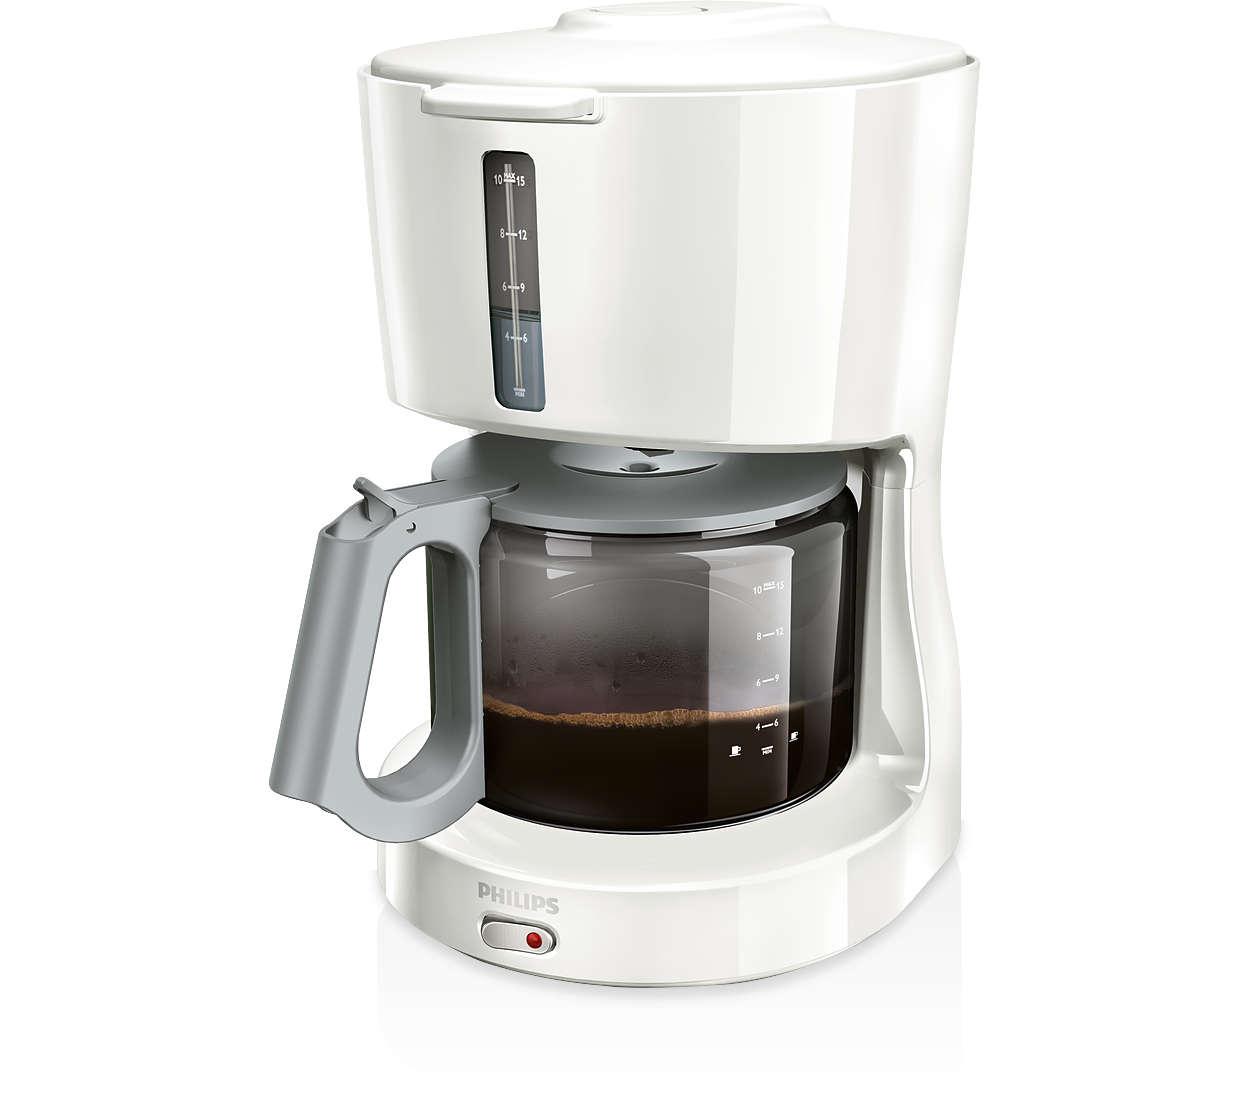 Nemt at lave god kaffe